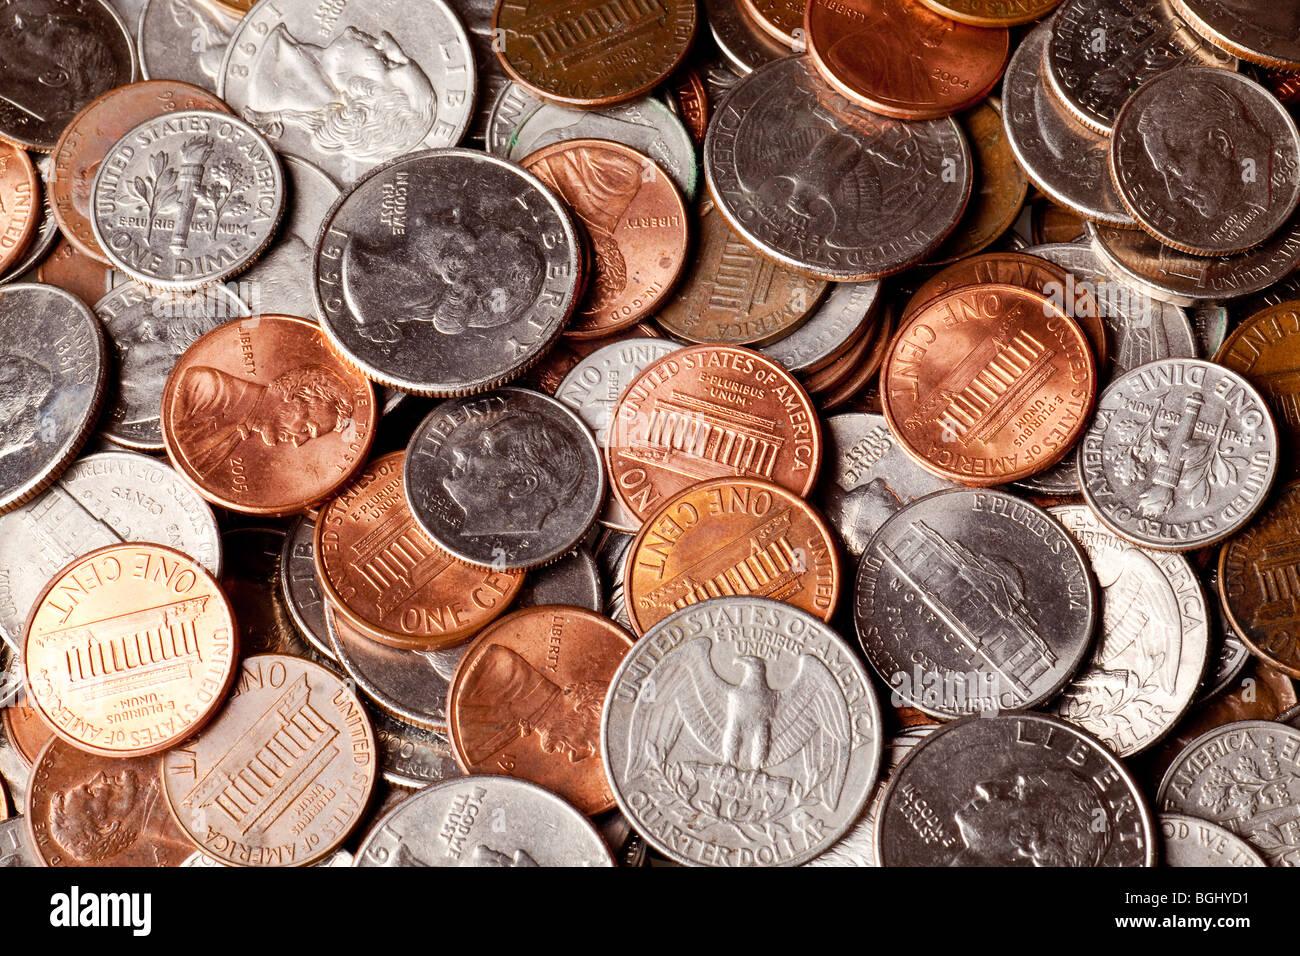 Pfennige, Nickles, Groschen und Viertel-Makro-Hintergrund Stockbild